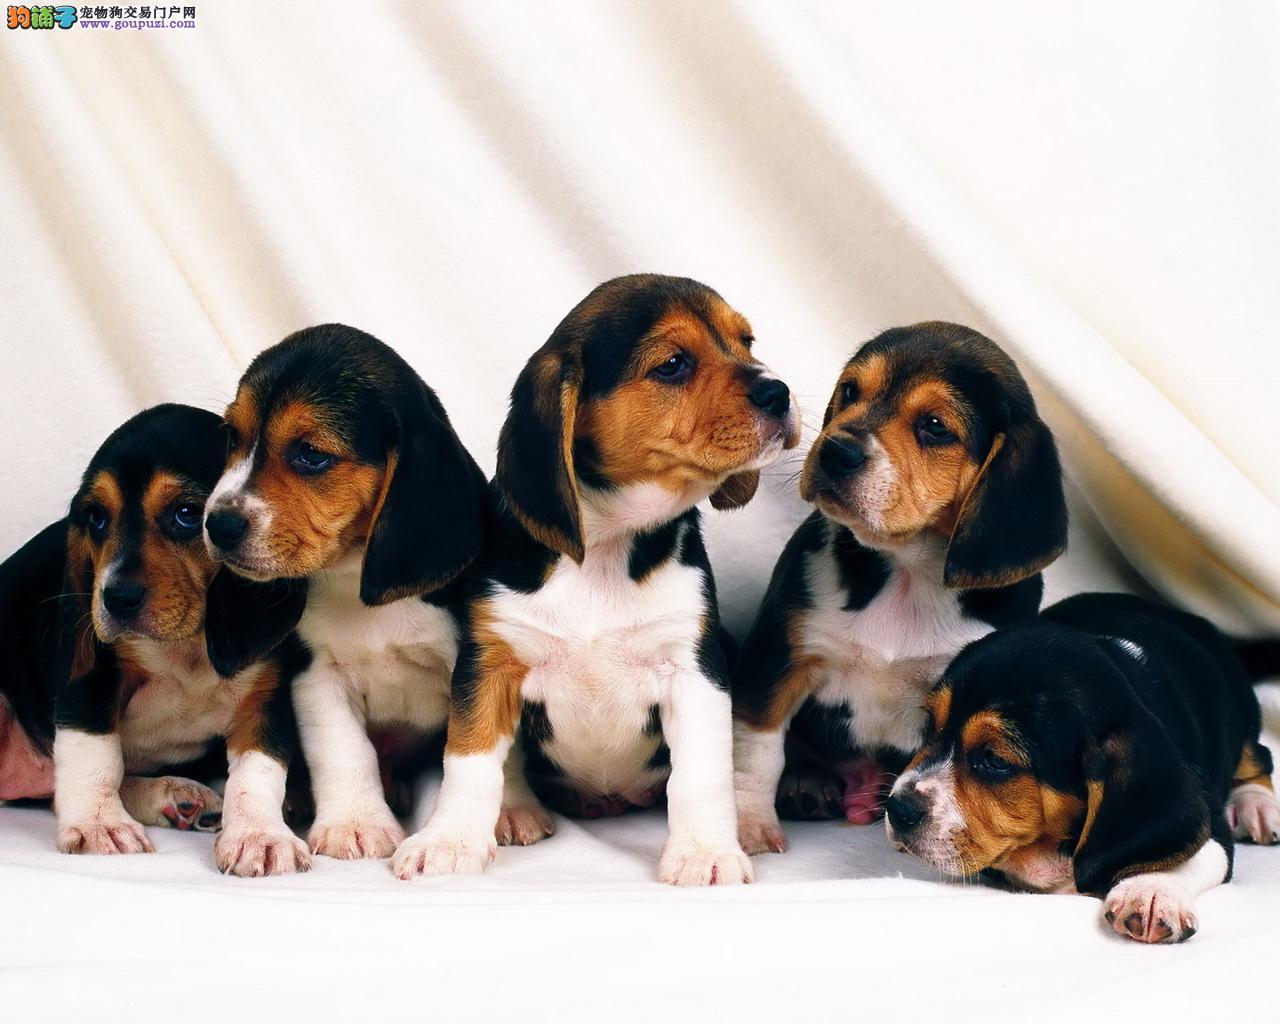 米格鲁呆萌幼犬宝宝接受预定 签订协议可送货